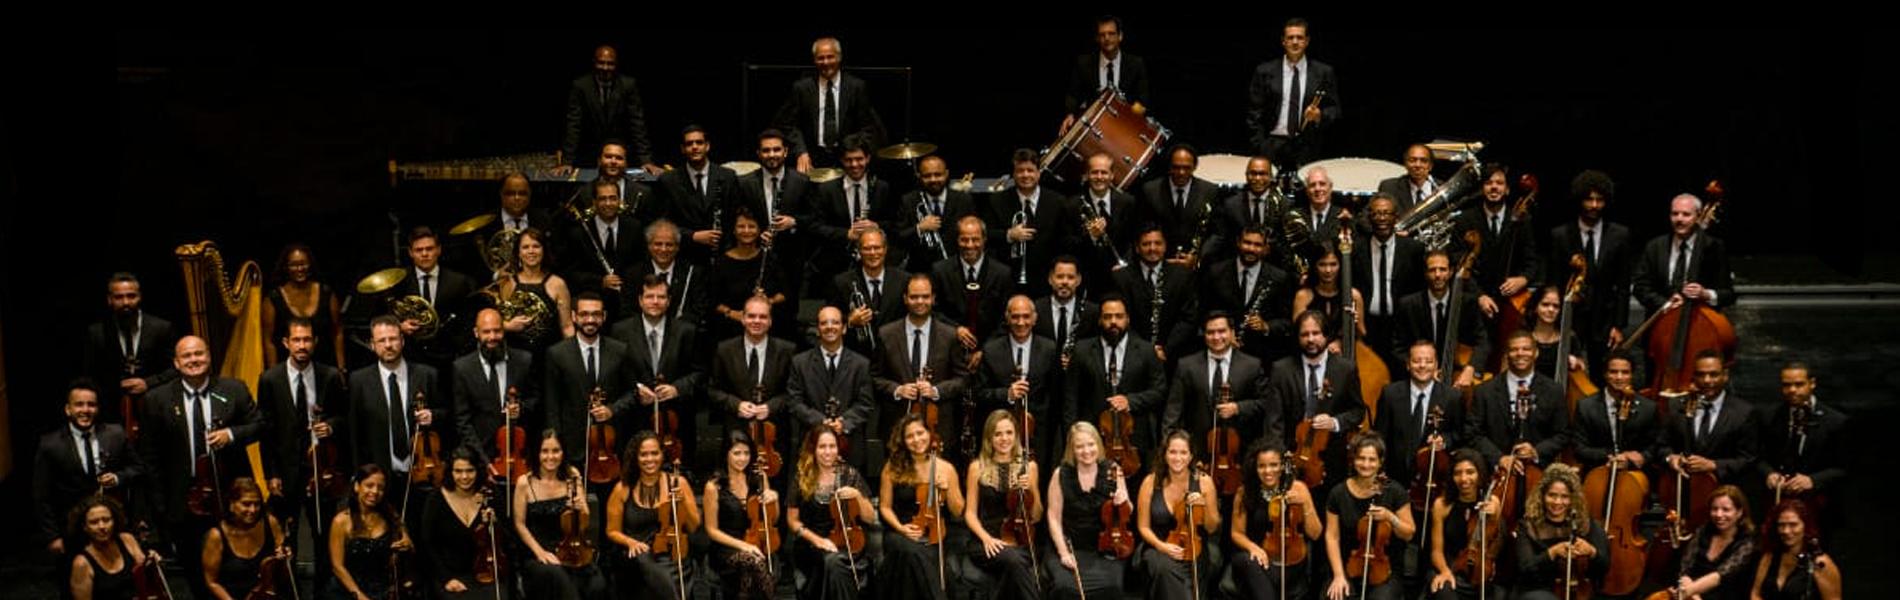 músicos da orquestra sinfônica nacional da UFF no palco